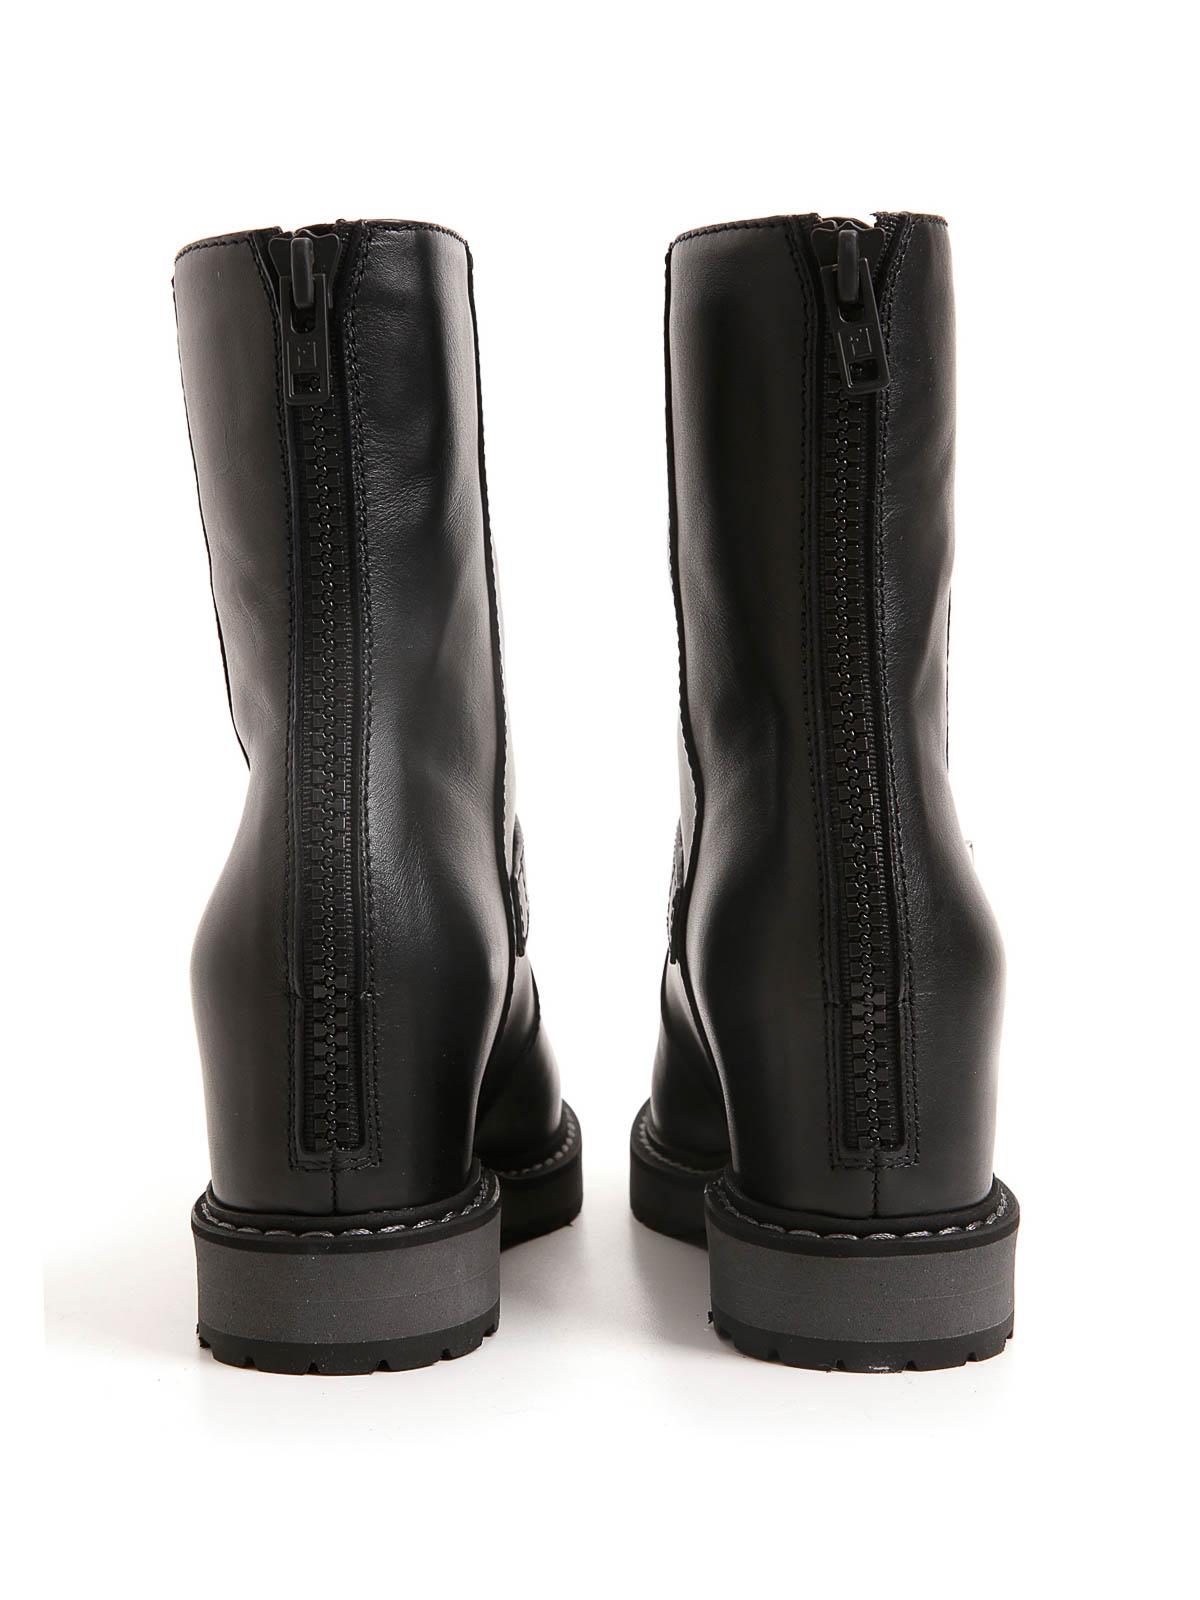 32e5c33f0cc Fendi - Leather biker boots - ankle boots - 8T49743RU QU8 | iKRIX.com